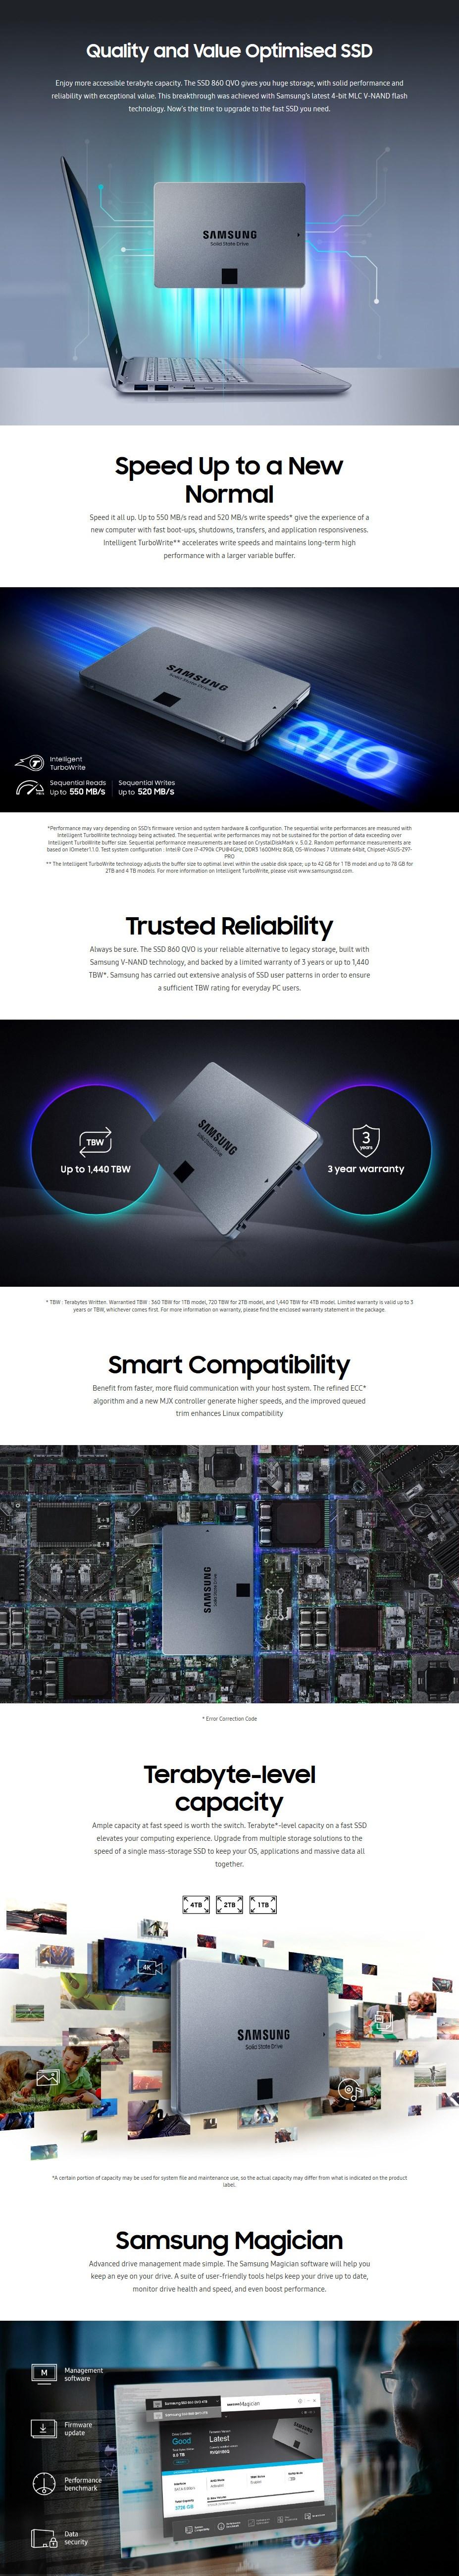 """Samsung 860 QVO 1TB 2.5"""" SATA III 6GB/s 4-Bit MLC V-NAND SSD MZ-76Q1T0BW - Desktop Overview 1"""